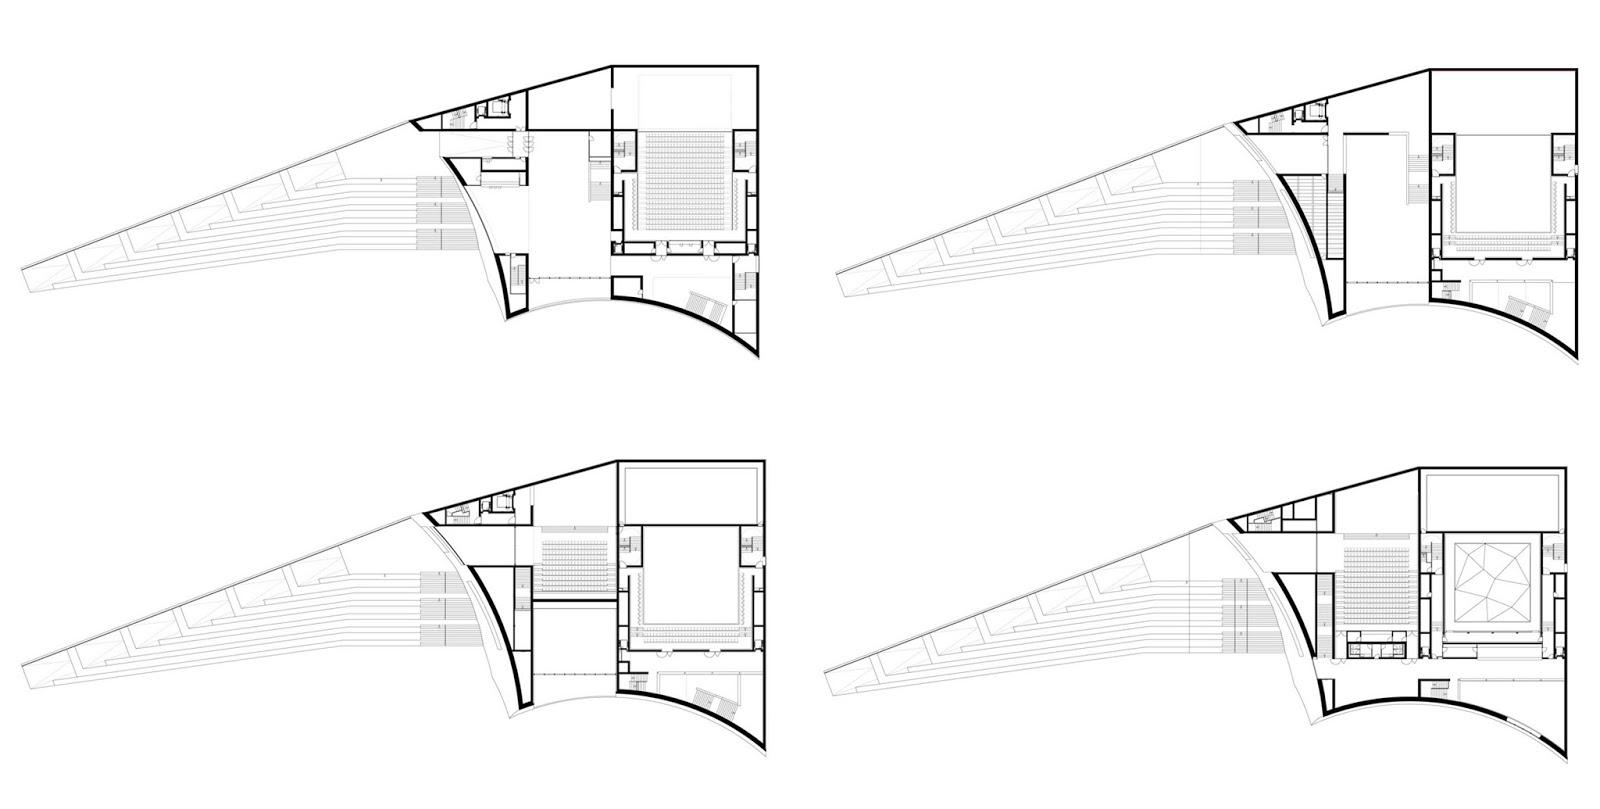 Auditorio y palacio de congresos by Estudio Barozzi Veiga